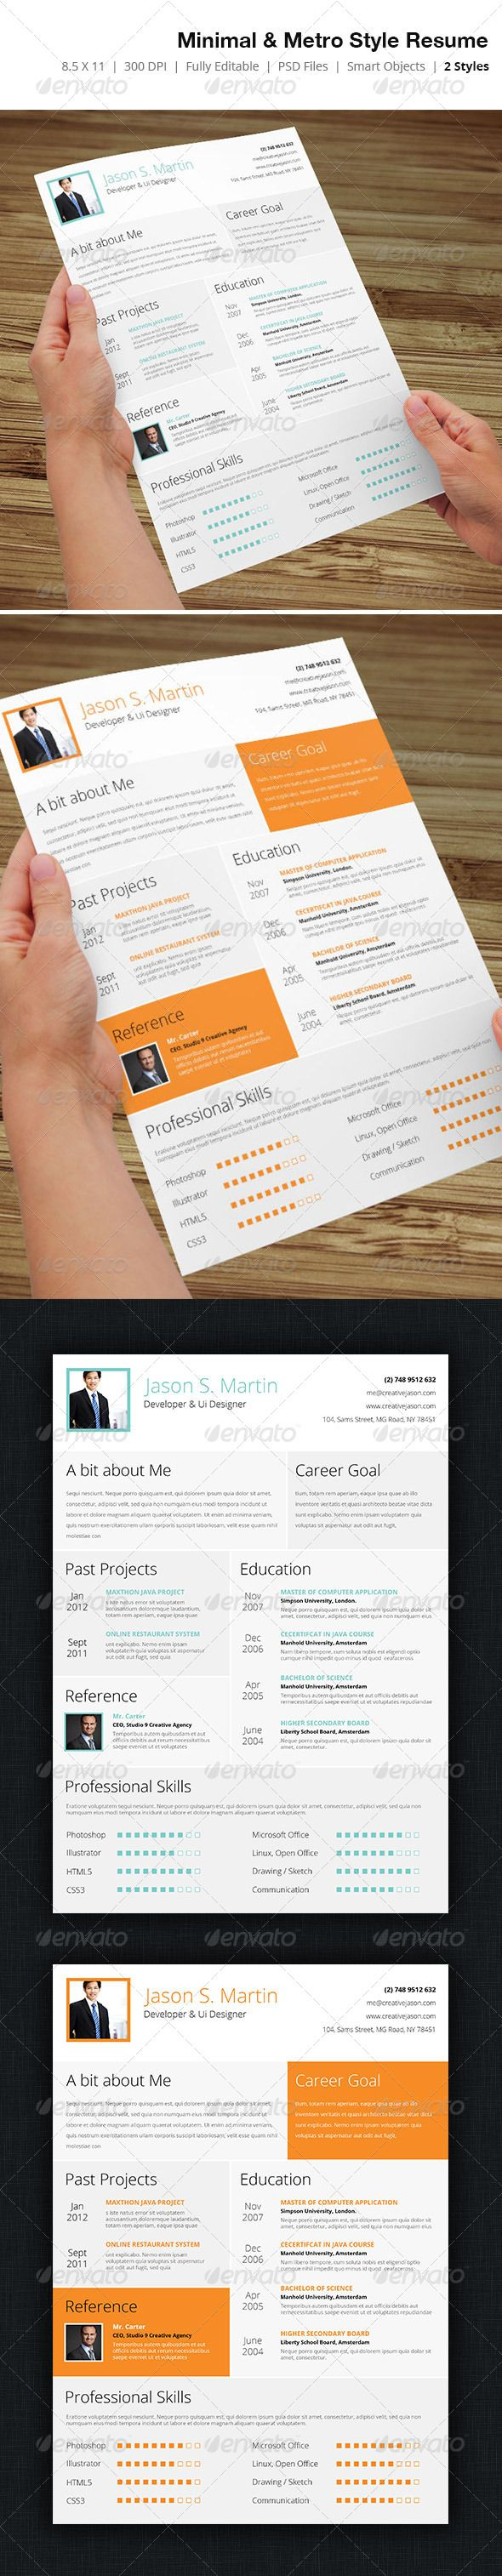 Metro & Minimal Style Business Resume - 02